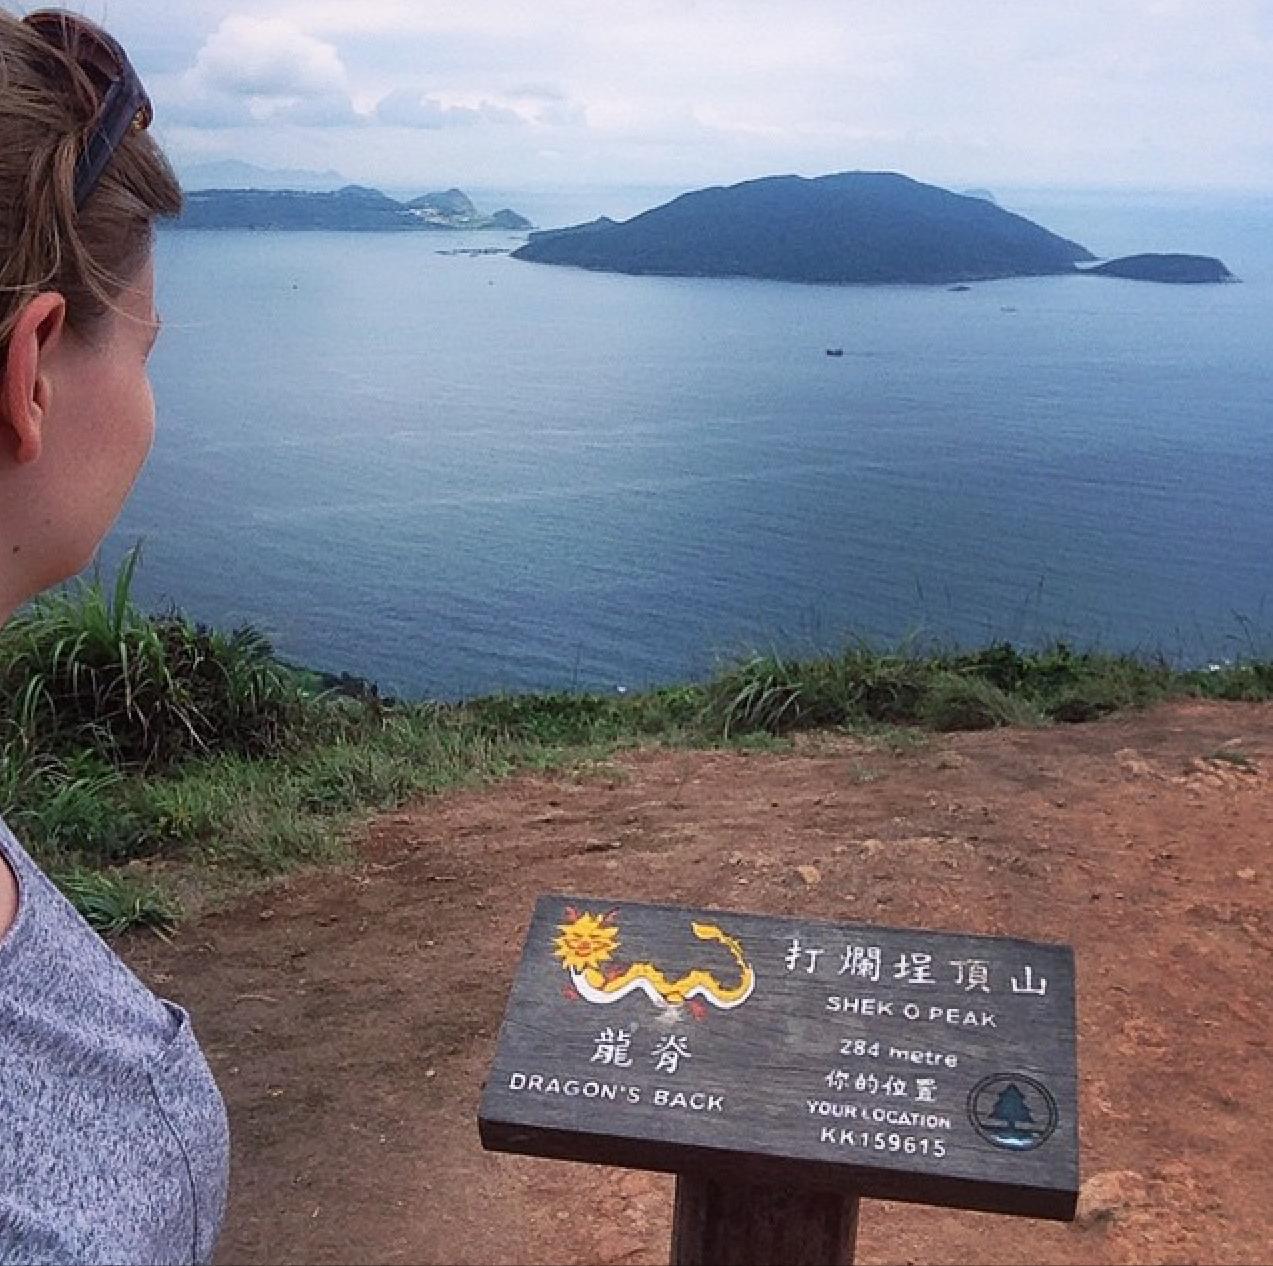 dragons-back-hong-kong-hiking